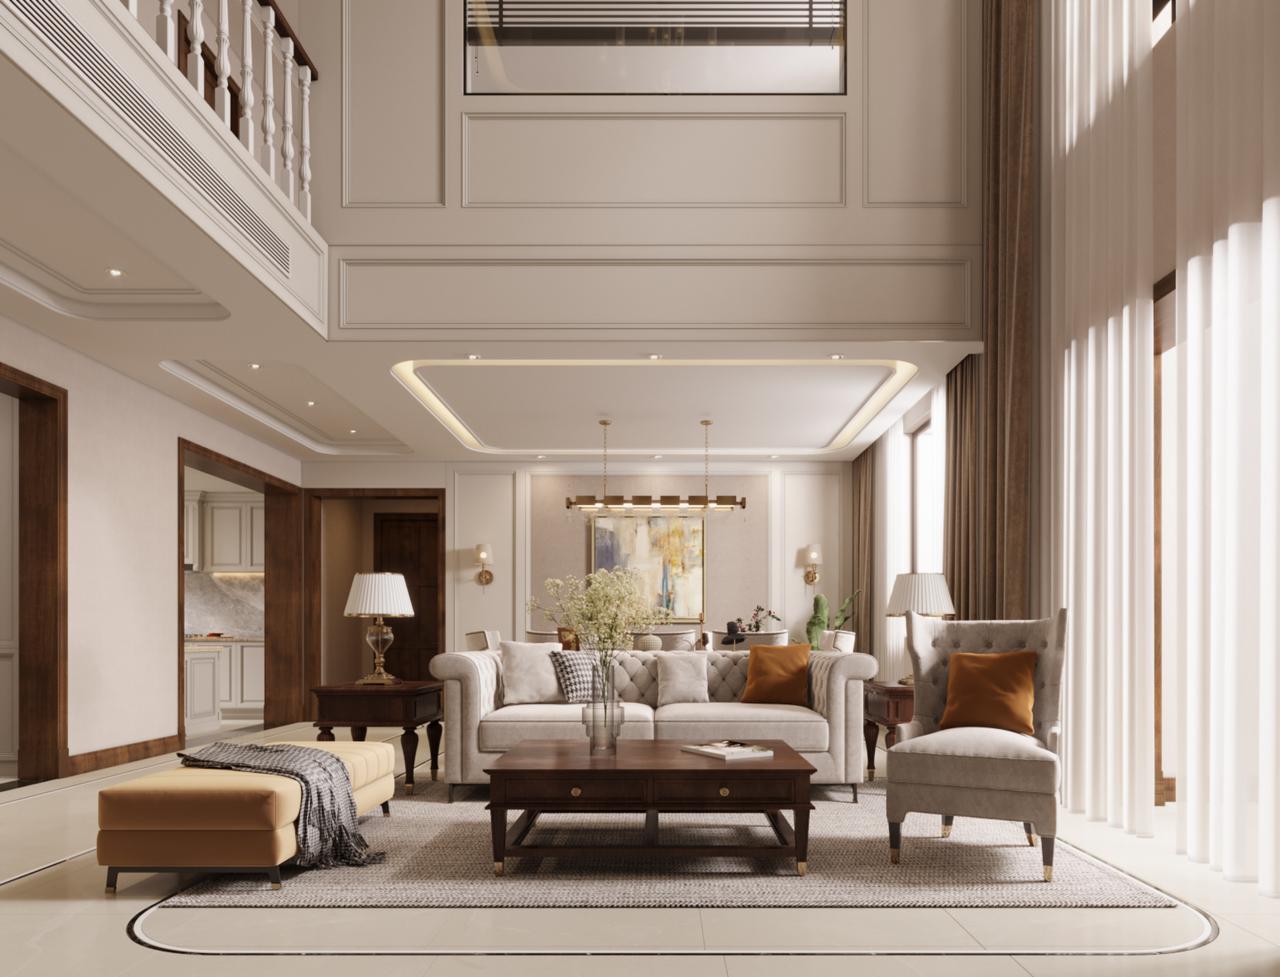 大连别墅装修, 简美风格, 红星海领墅